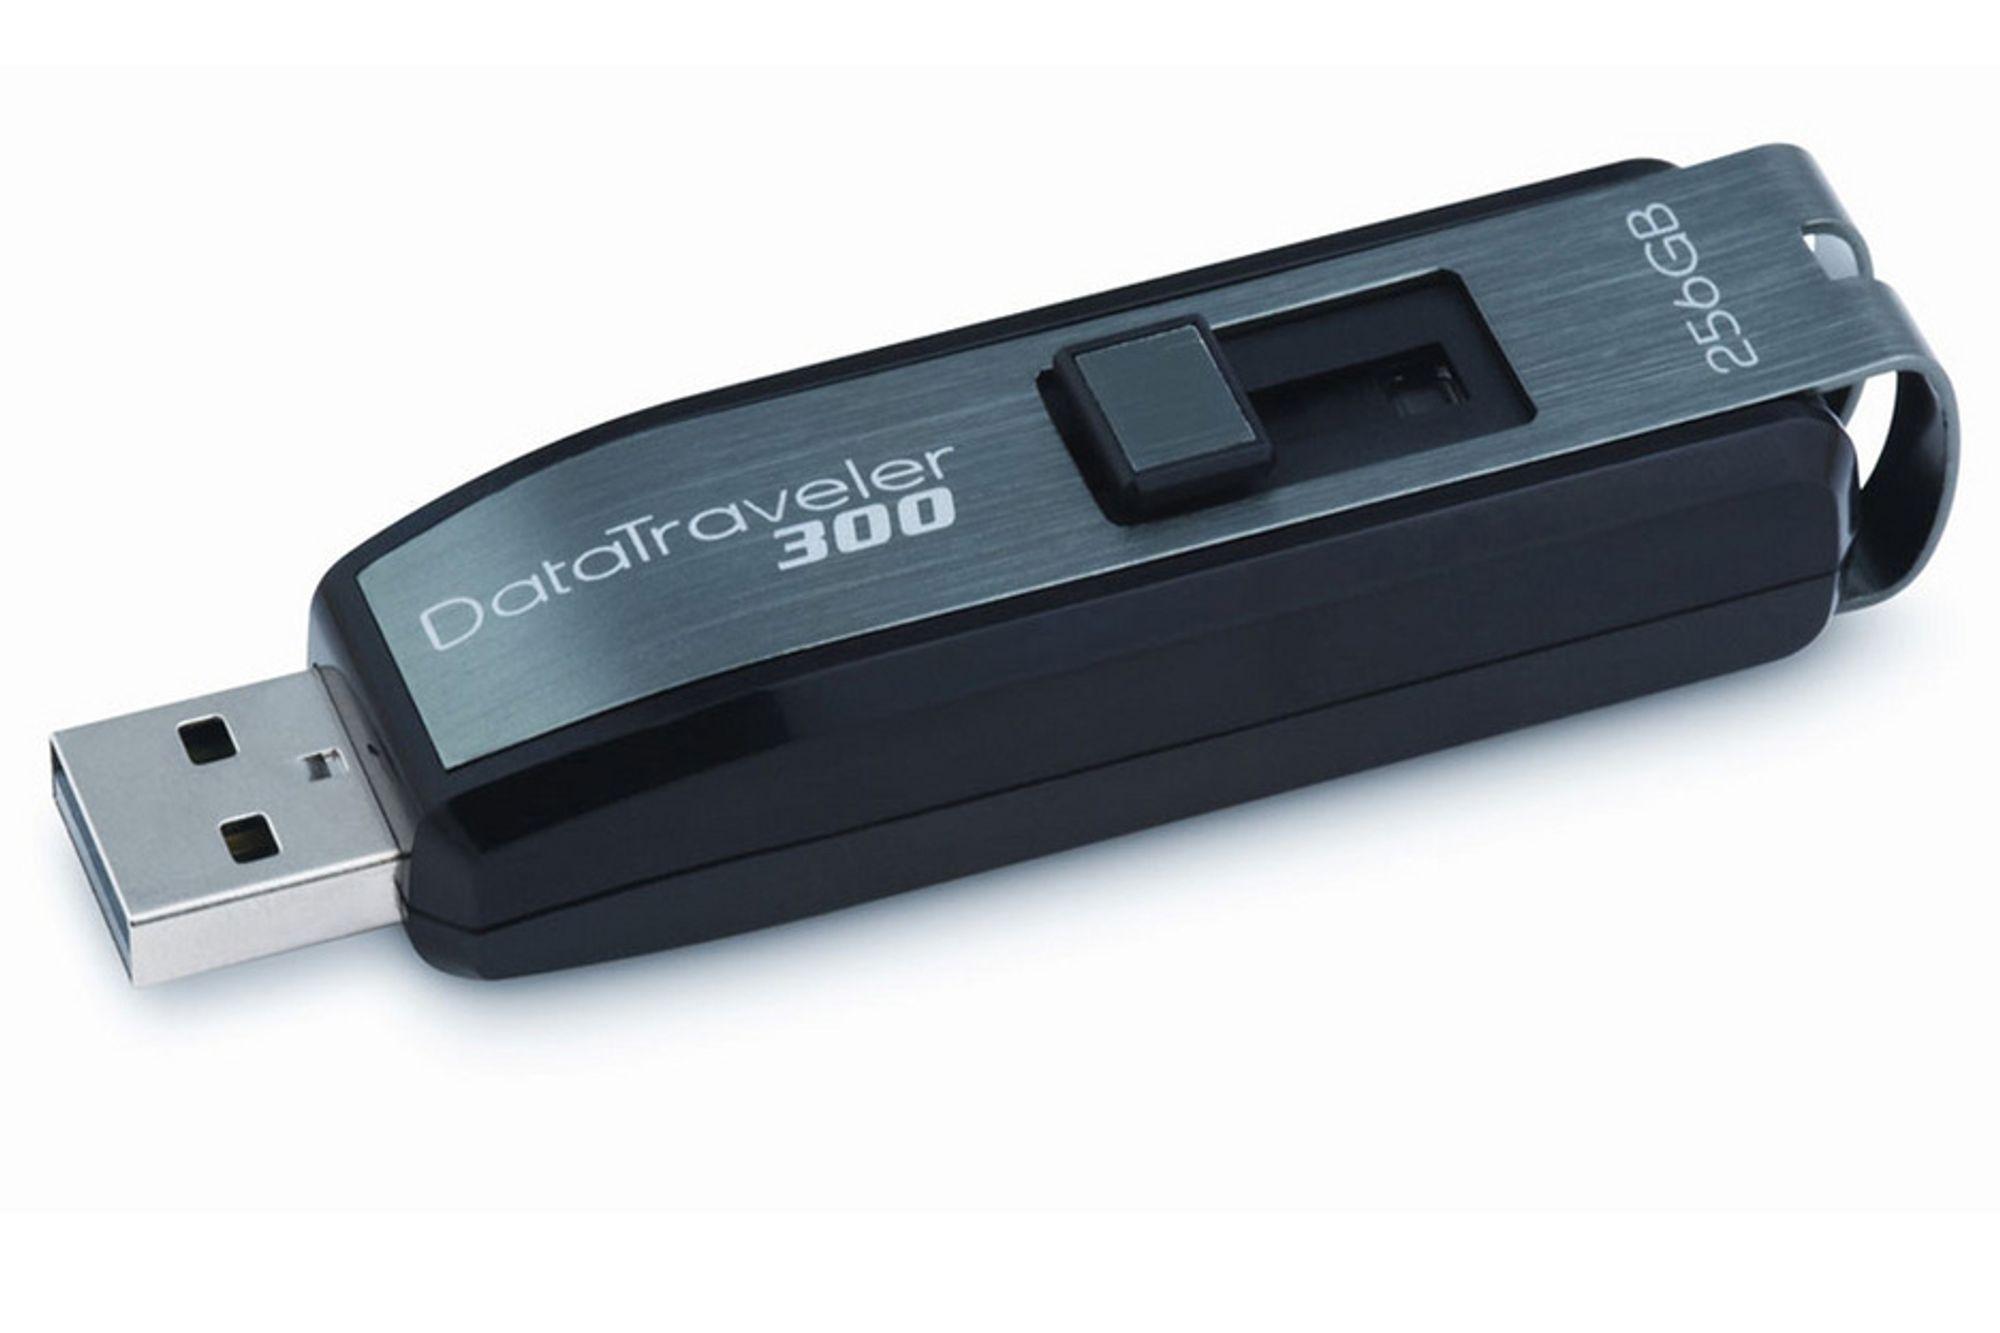 Kingston vil ta opp kampen med eksterne harddisker med sin nye DataTraveler 300.